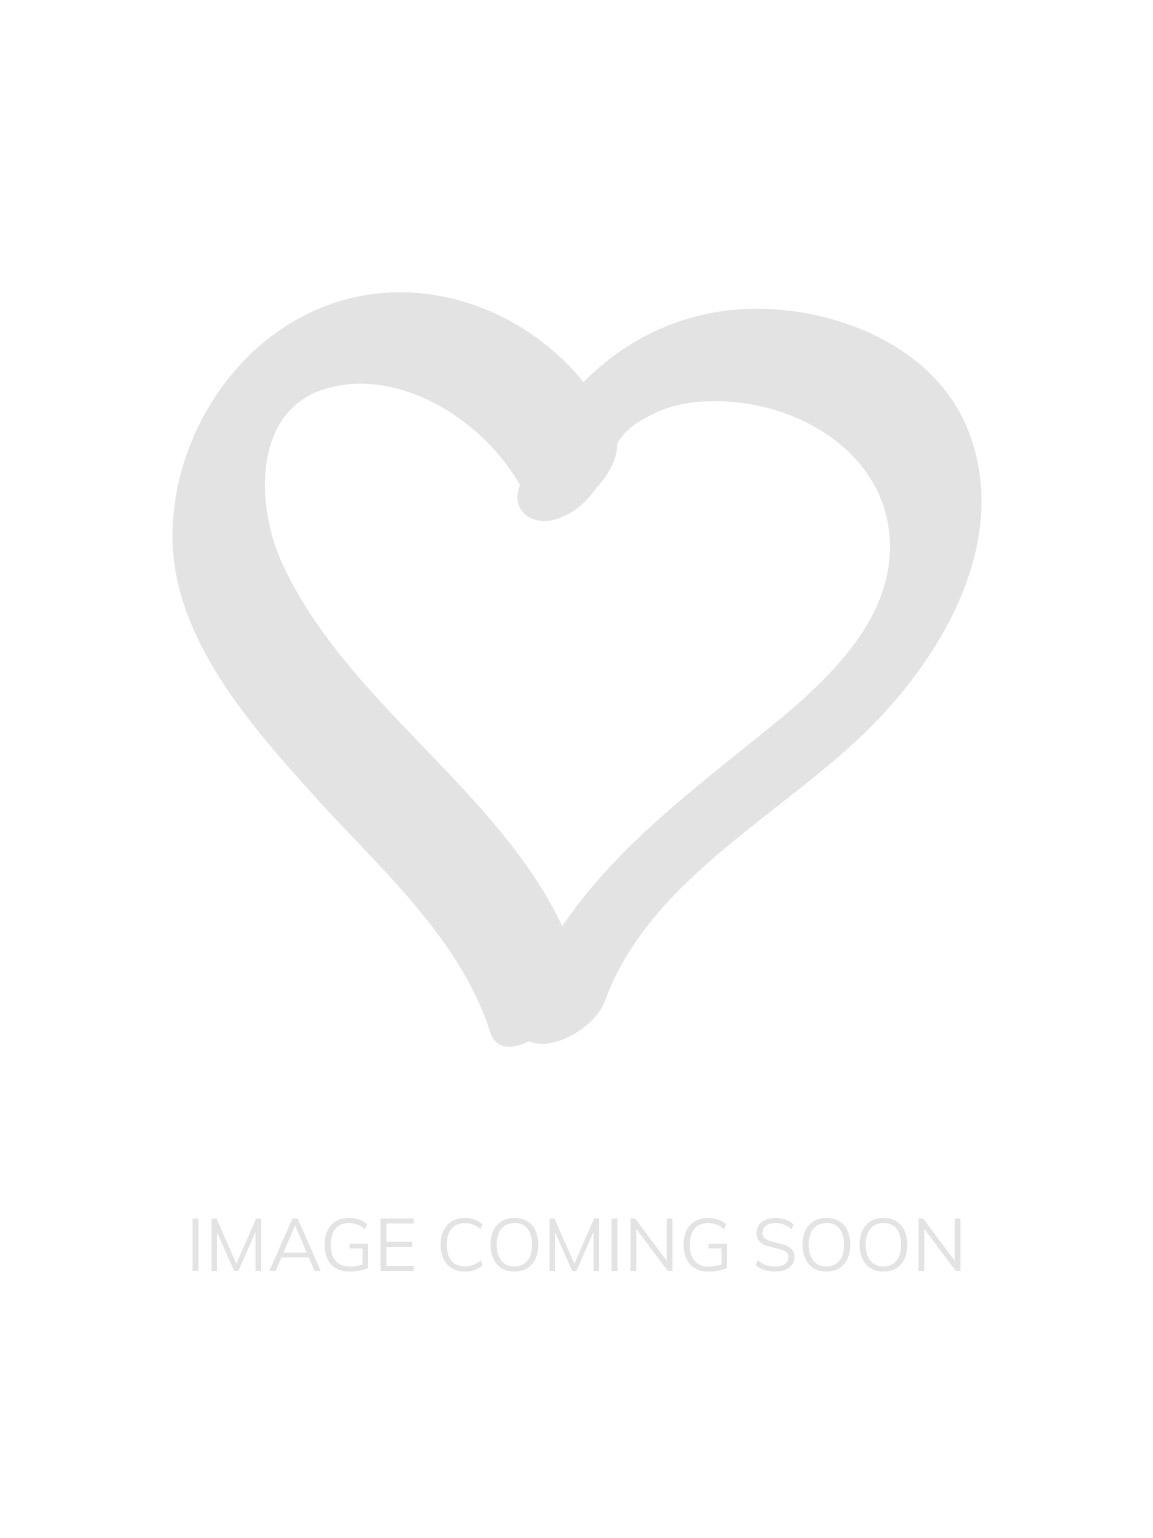 bd85e62d1c Embrace Lace T Shirt Bra - Black